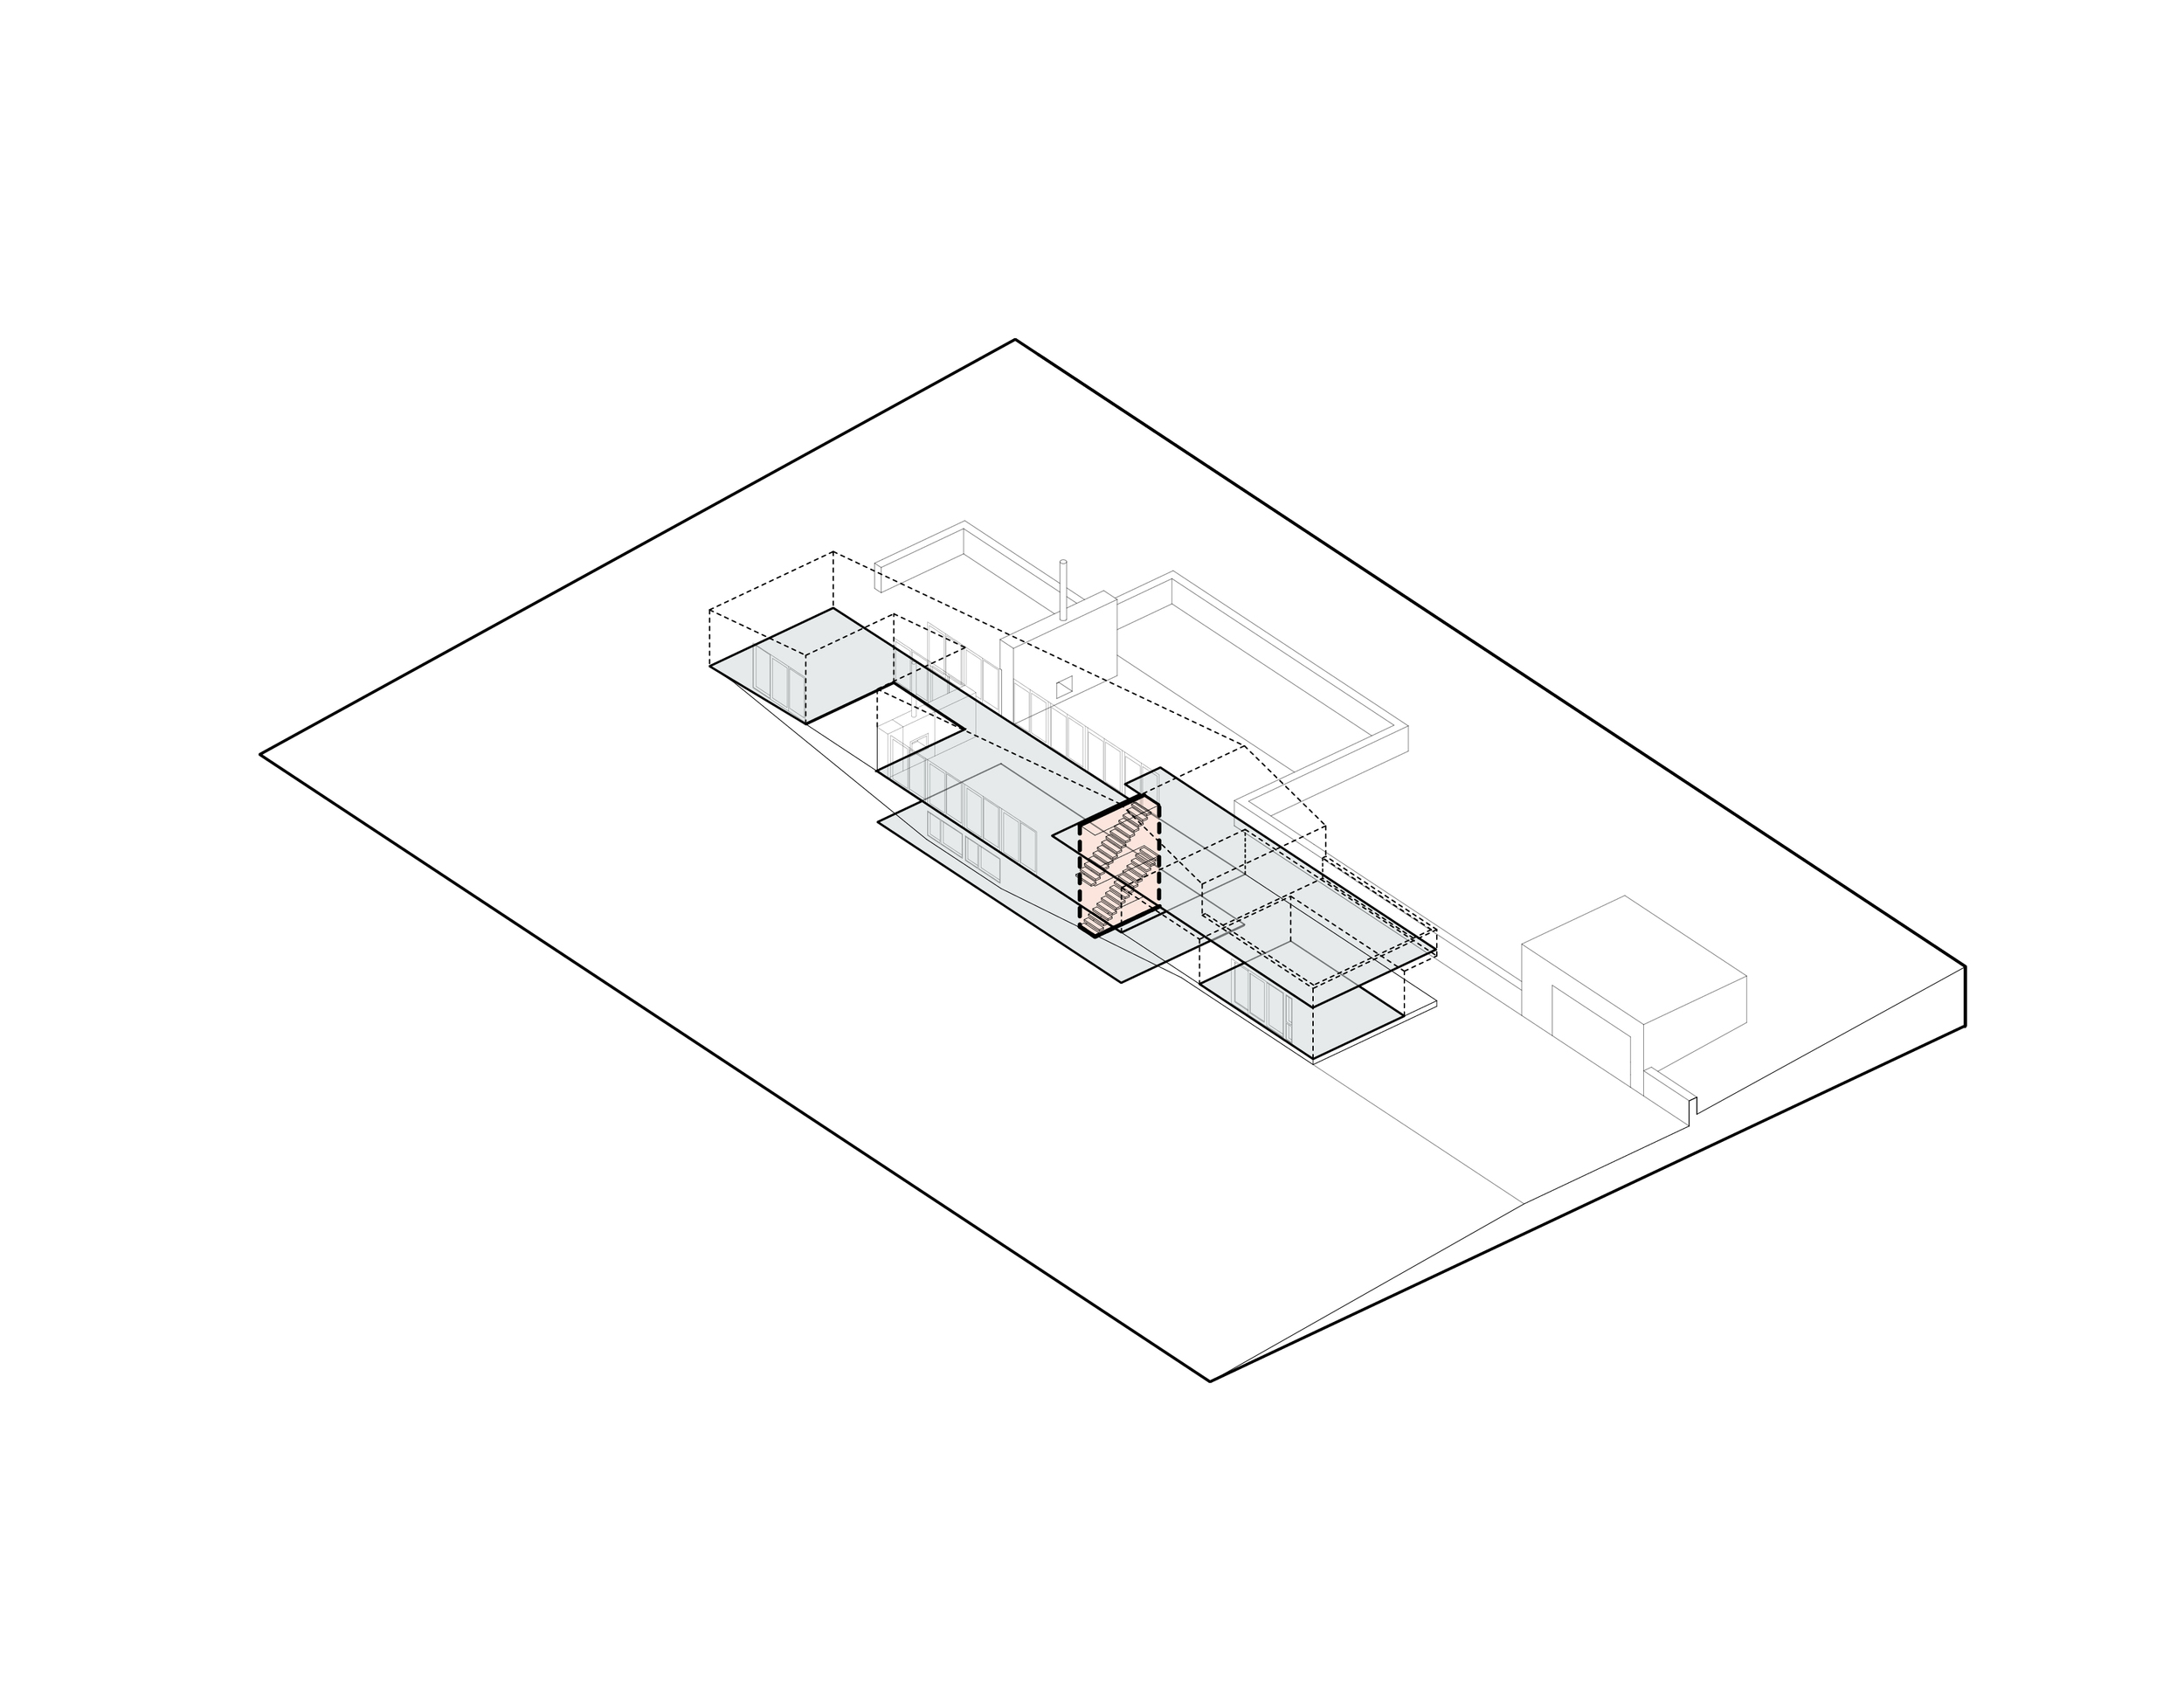 1407_12_Diagrams_Stairs-01.jpg